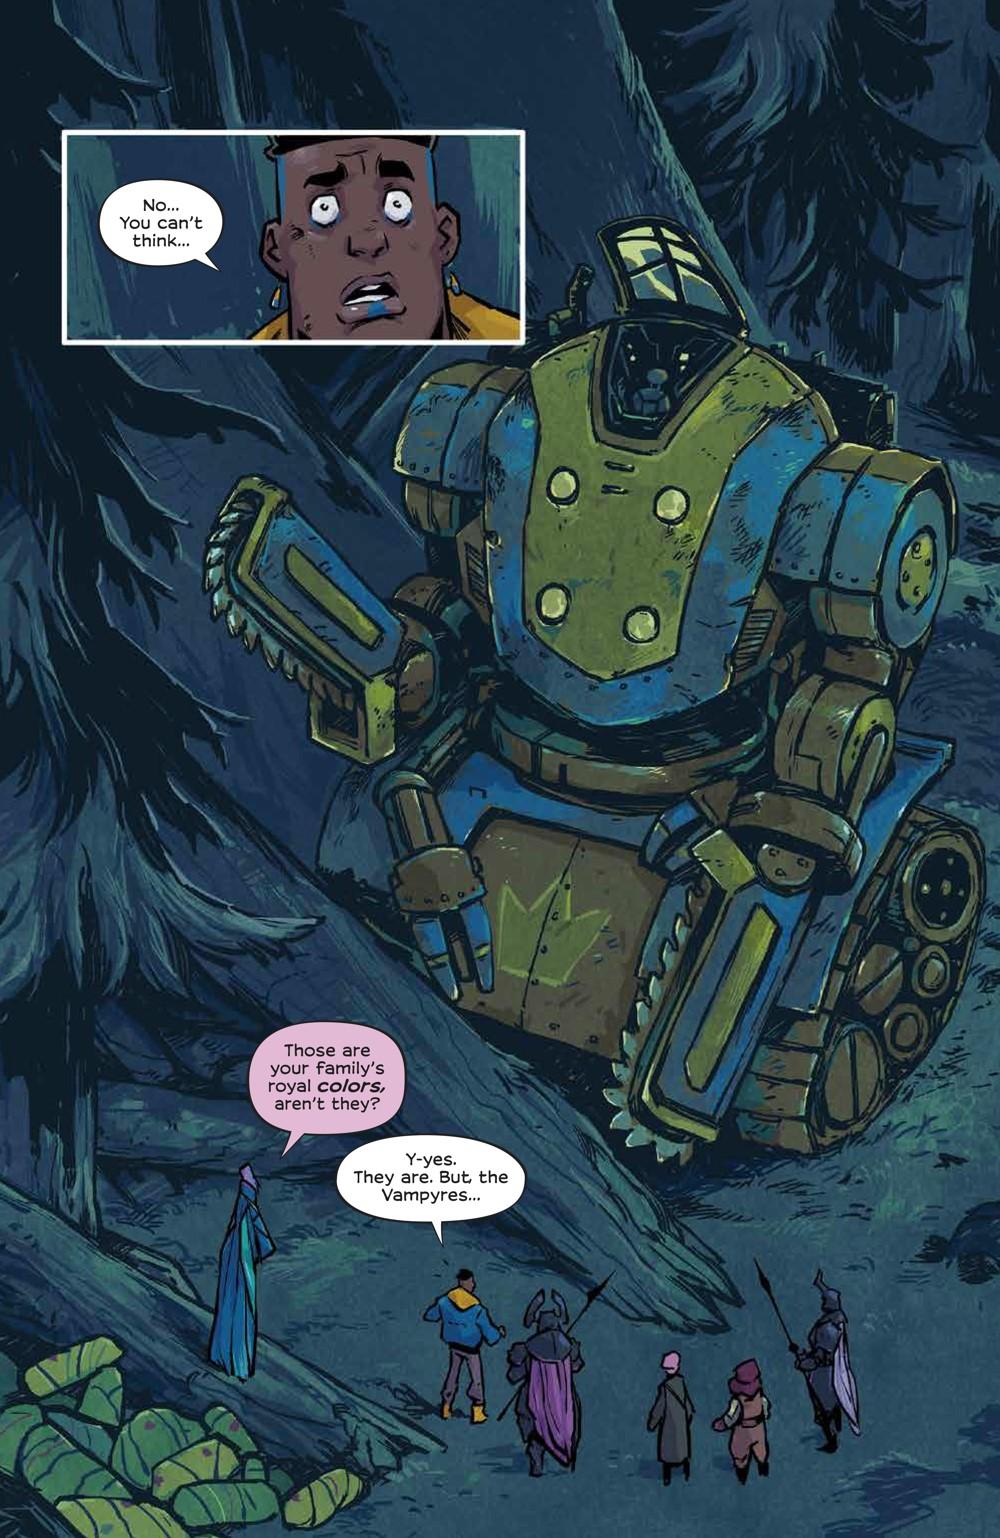 Wynd_010_PRESS_5 ComicList Previews: WYND #10